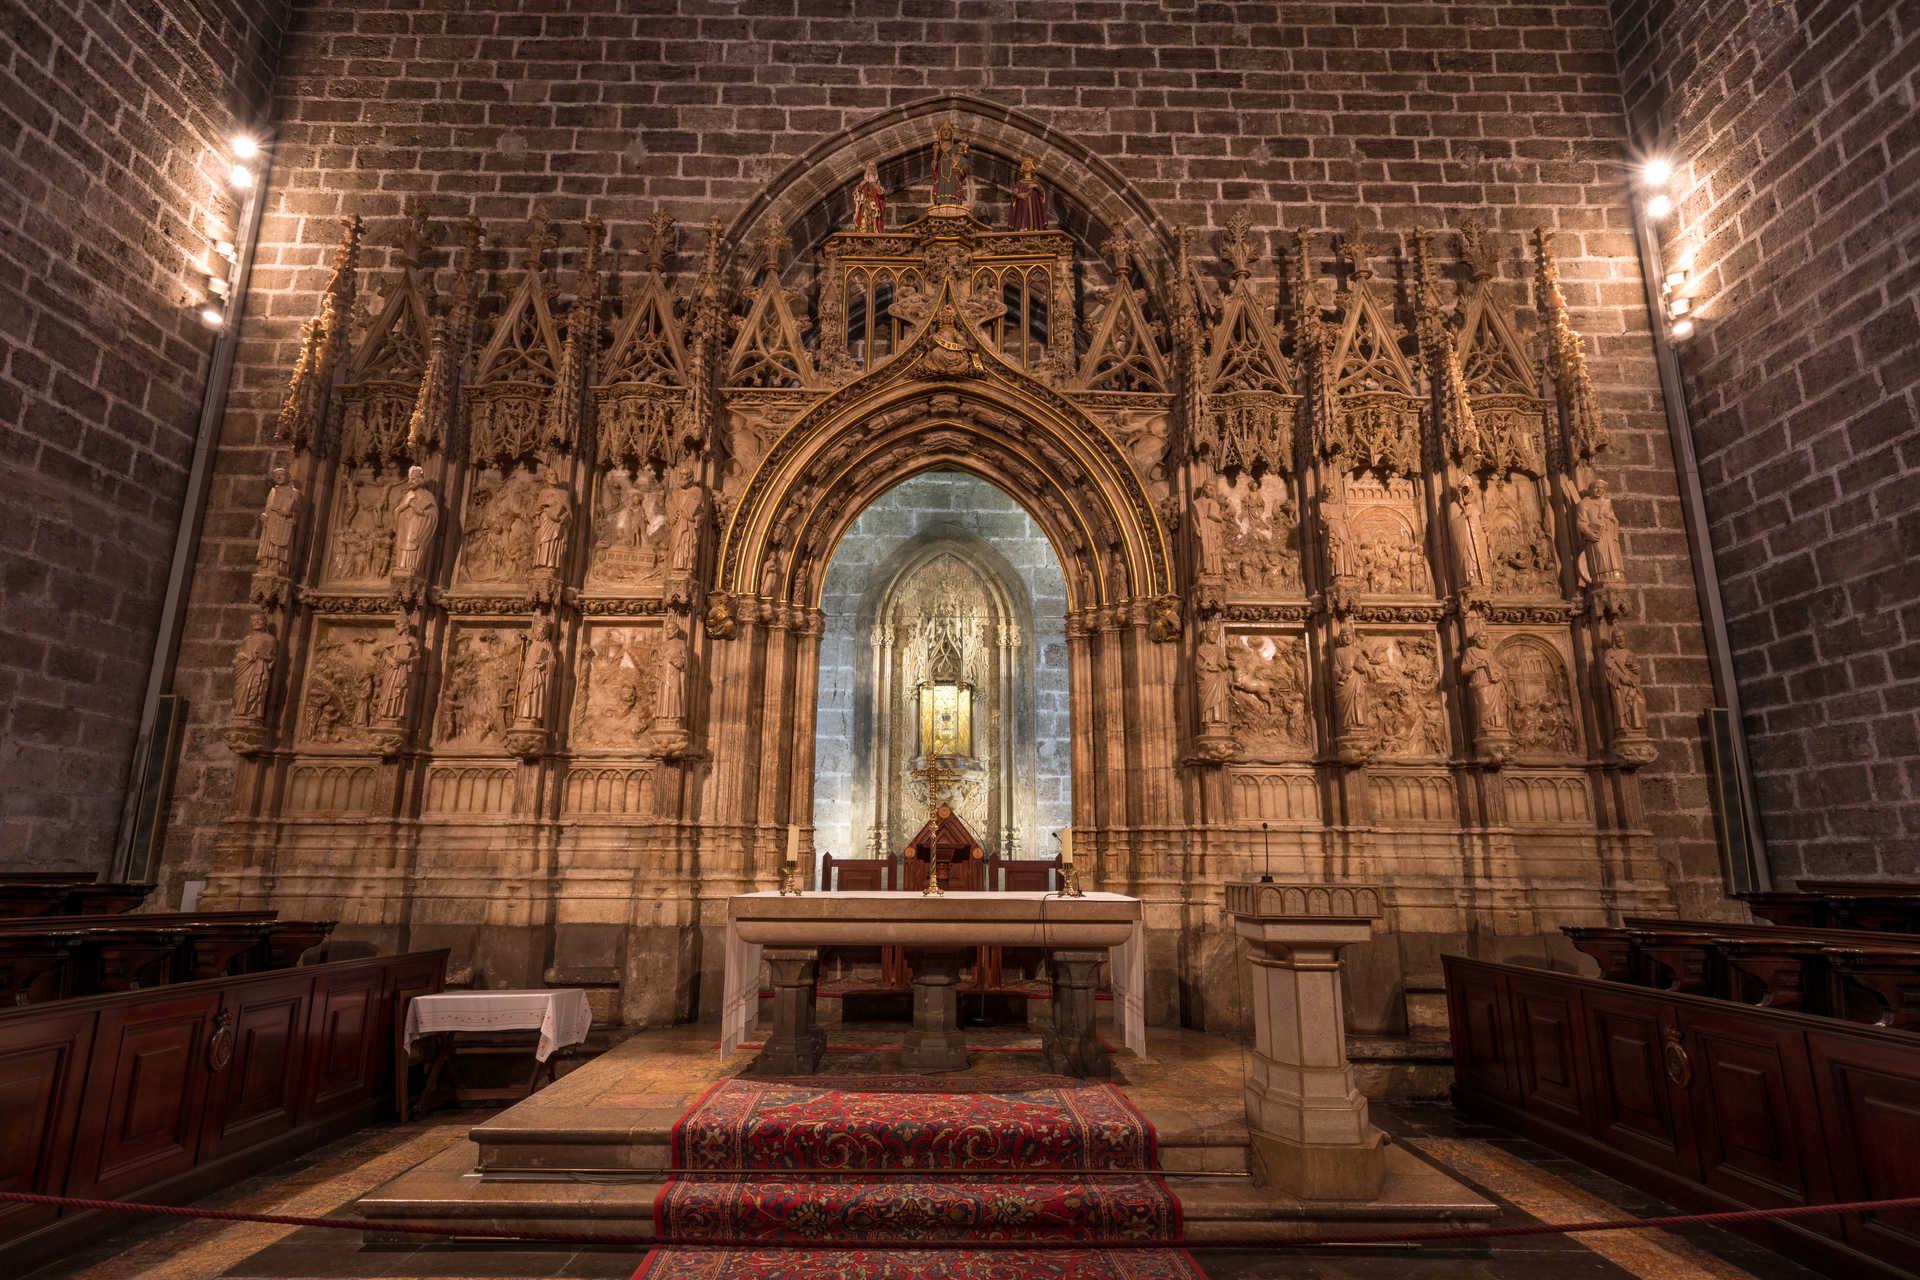 https://multimedia.comunitatvalenciana.com/69078293CFC84CE3B7B3D37B130EEA72/img/719C9FE828E24C13BB3CC5B1C168CFEC/Catedral_Valencia_7H9A0558.jpg?responsive